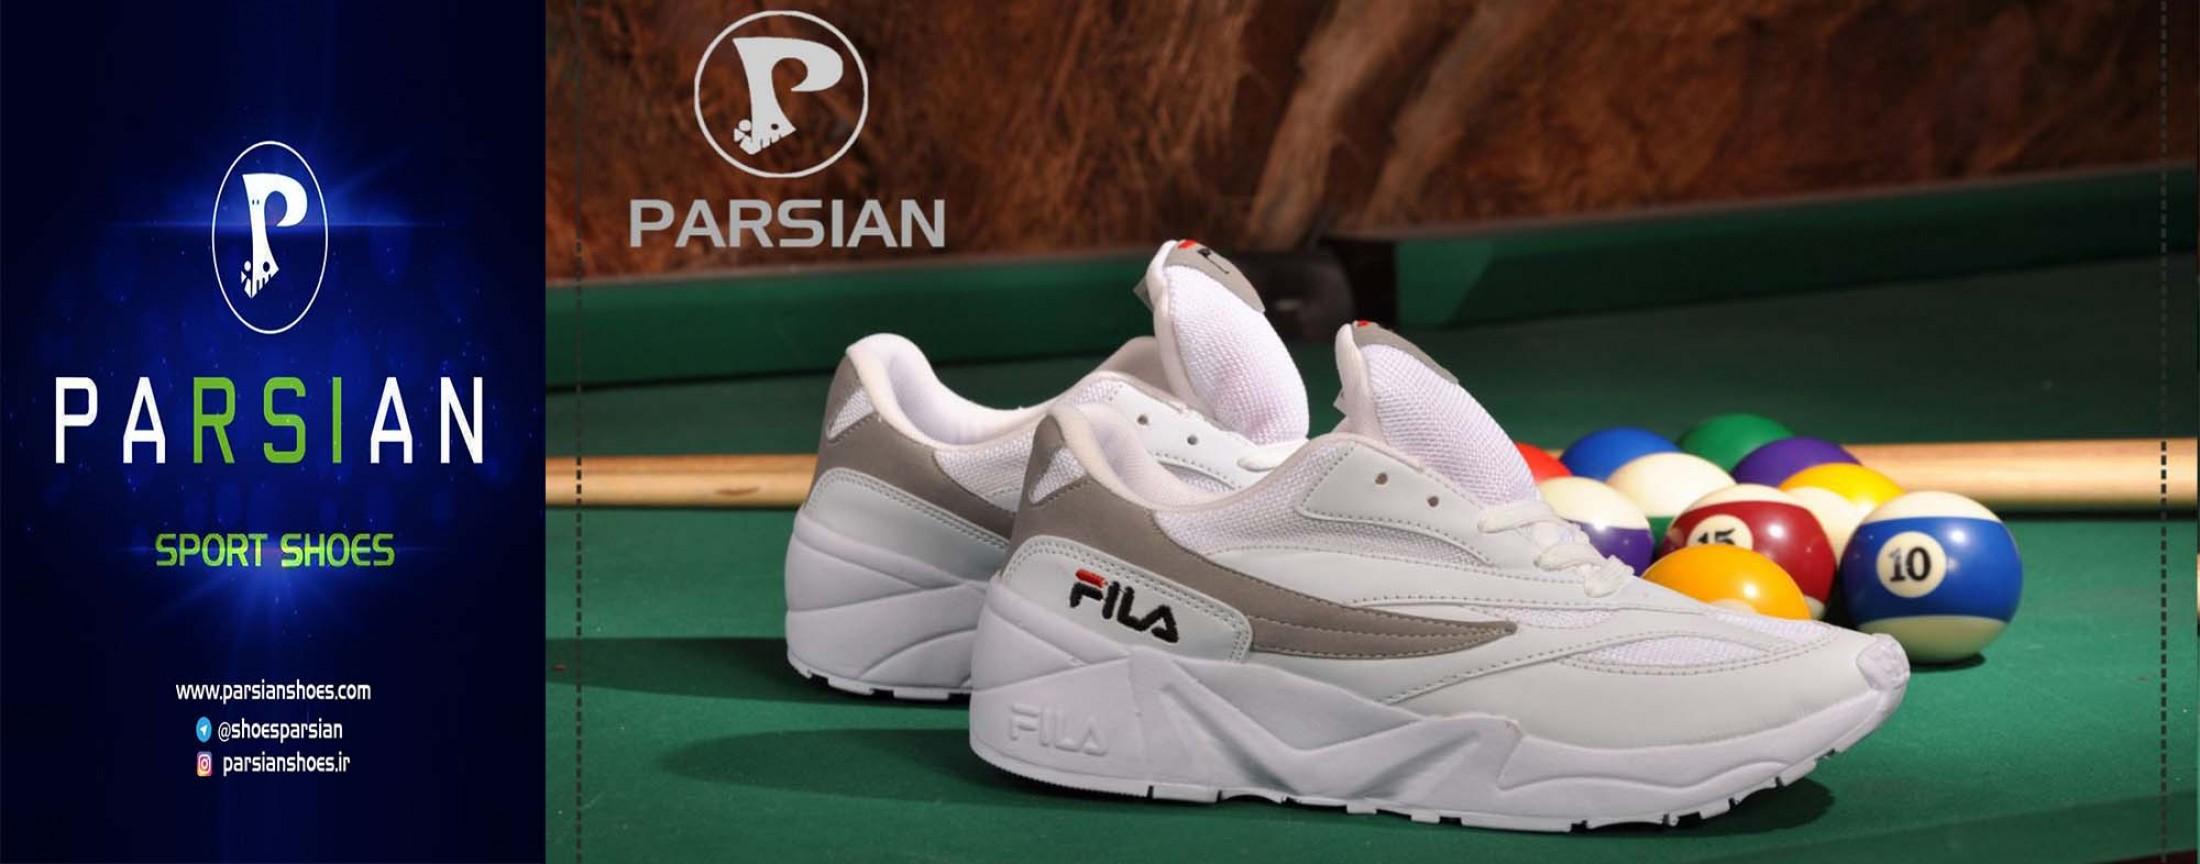 کفش پارسیان